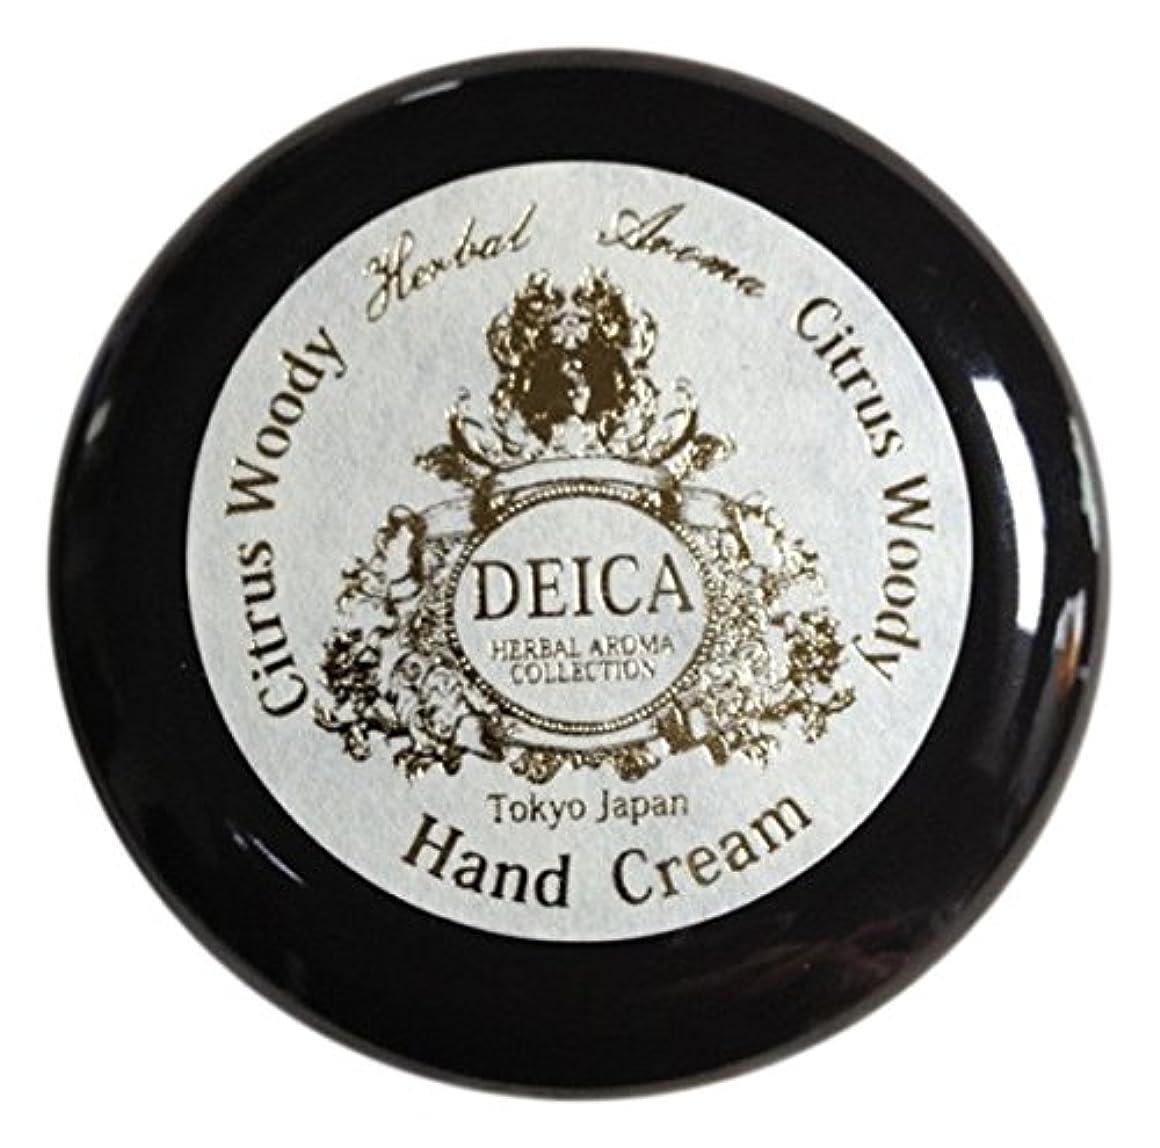 発明する流出カートDEICA ハーバルアロマ ハンドクリーム シトラスウッディ